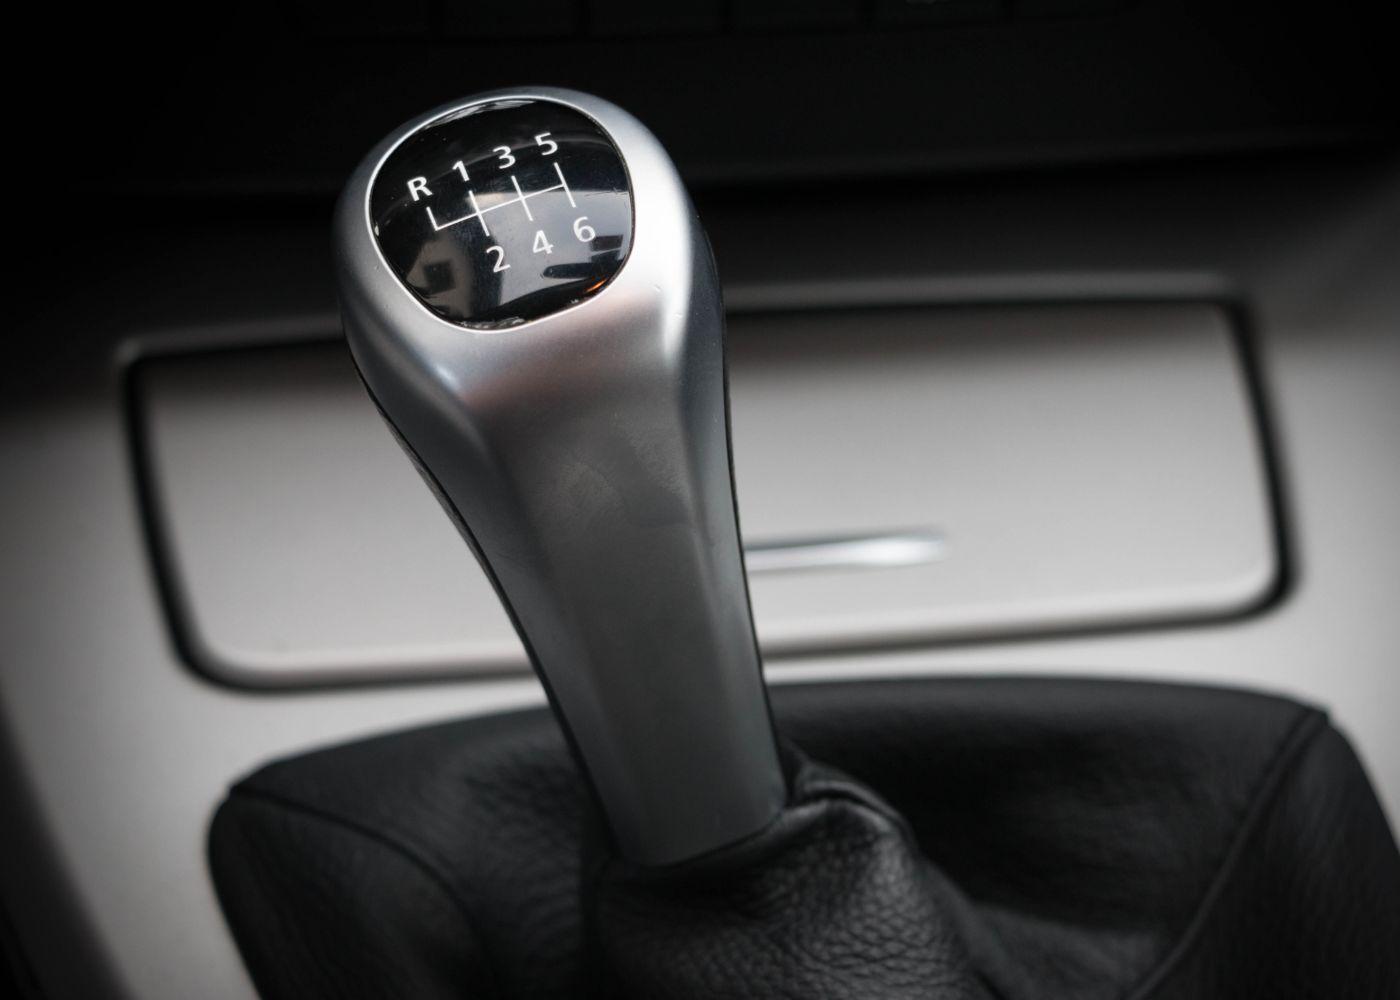 caixa de velocidades para ilustrar como usar a embraiagem corretamente